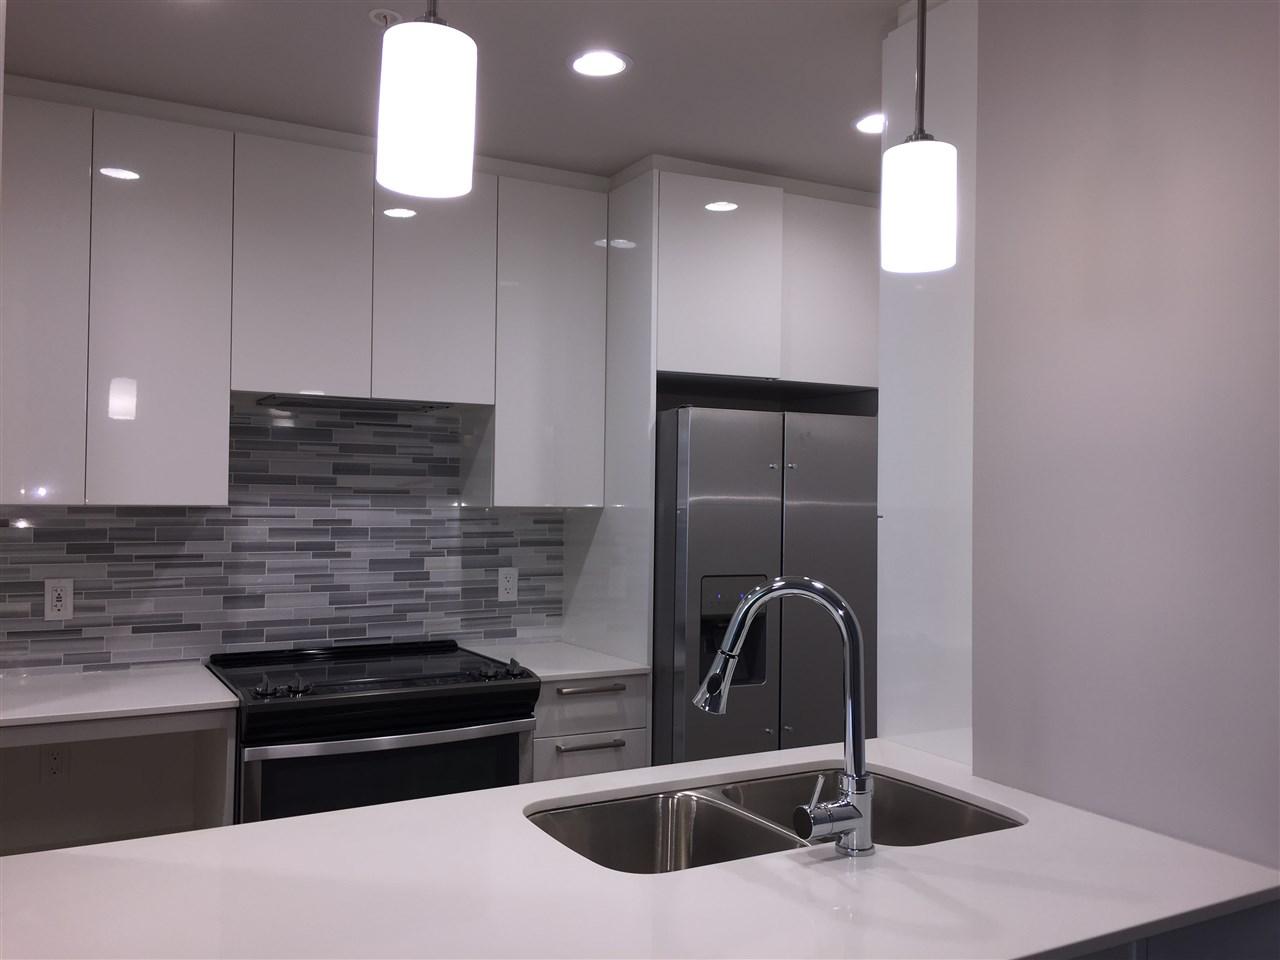 Condo Apartment at 314 2465 WILSON AVENUE, Unit 314, Port Coquitlam, British Columbia. Image 3